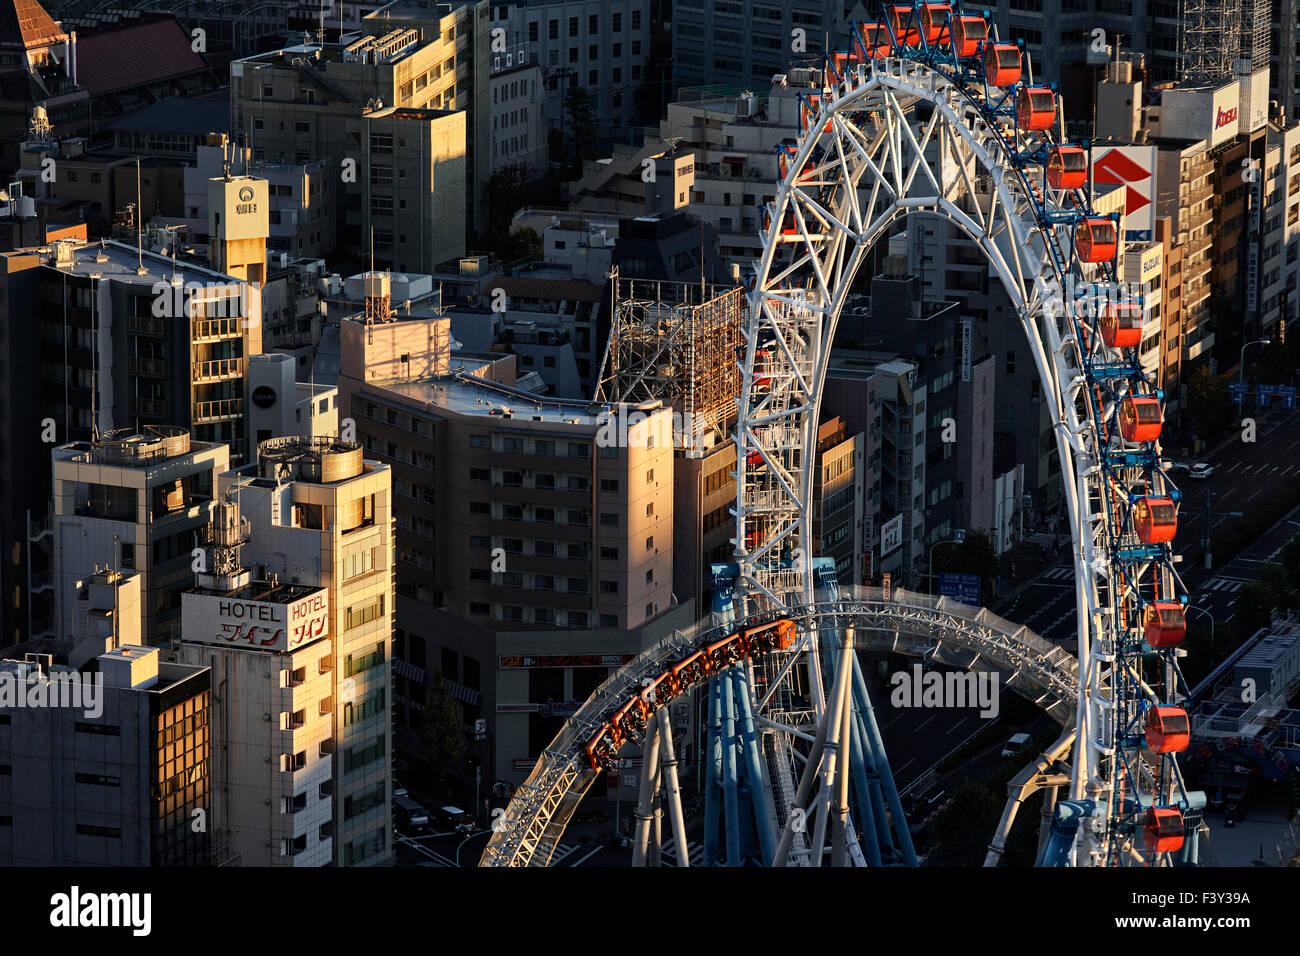 Giappone, isola di Honshu, Kanto, Tokyo, parco divertimenti sopra i tetti degli edifici. Immagini Stock